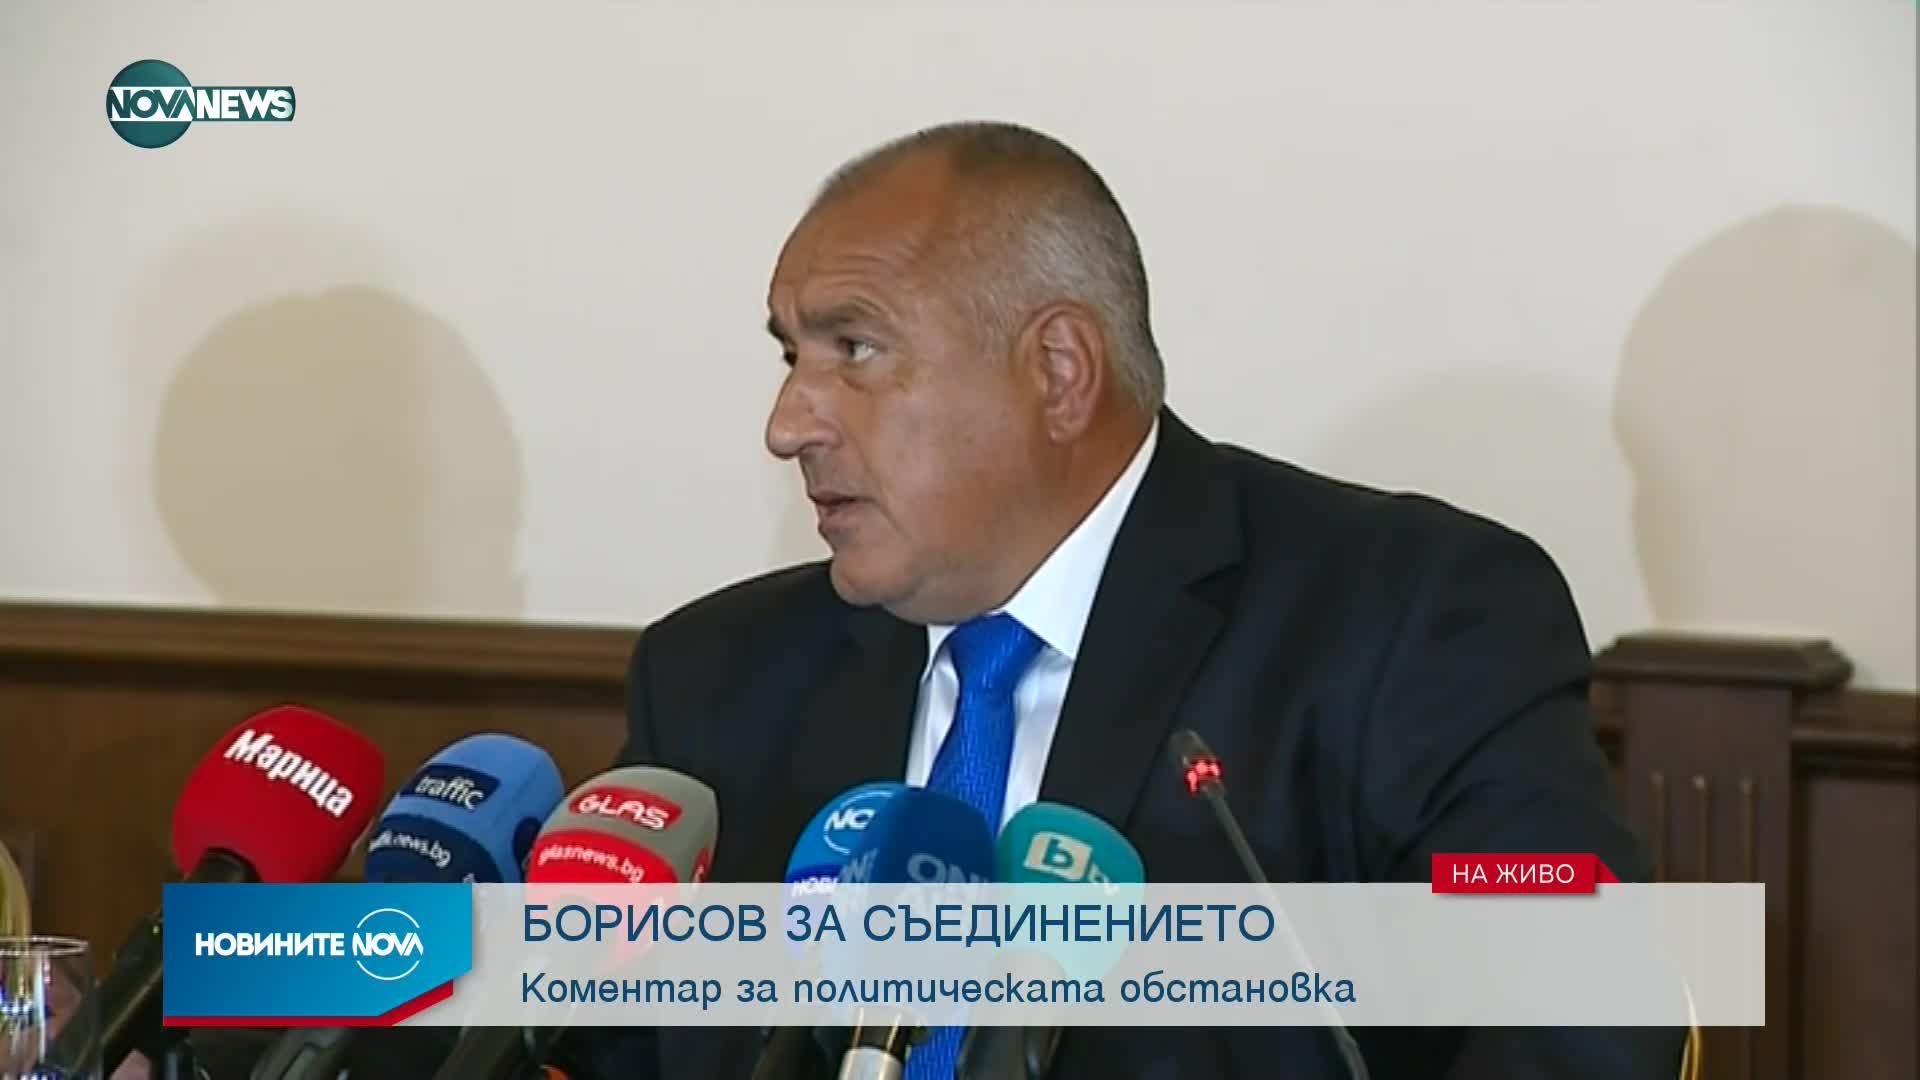 Борисов към Радев: Новият главен прокурор може да попита за всичките ти далавери